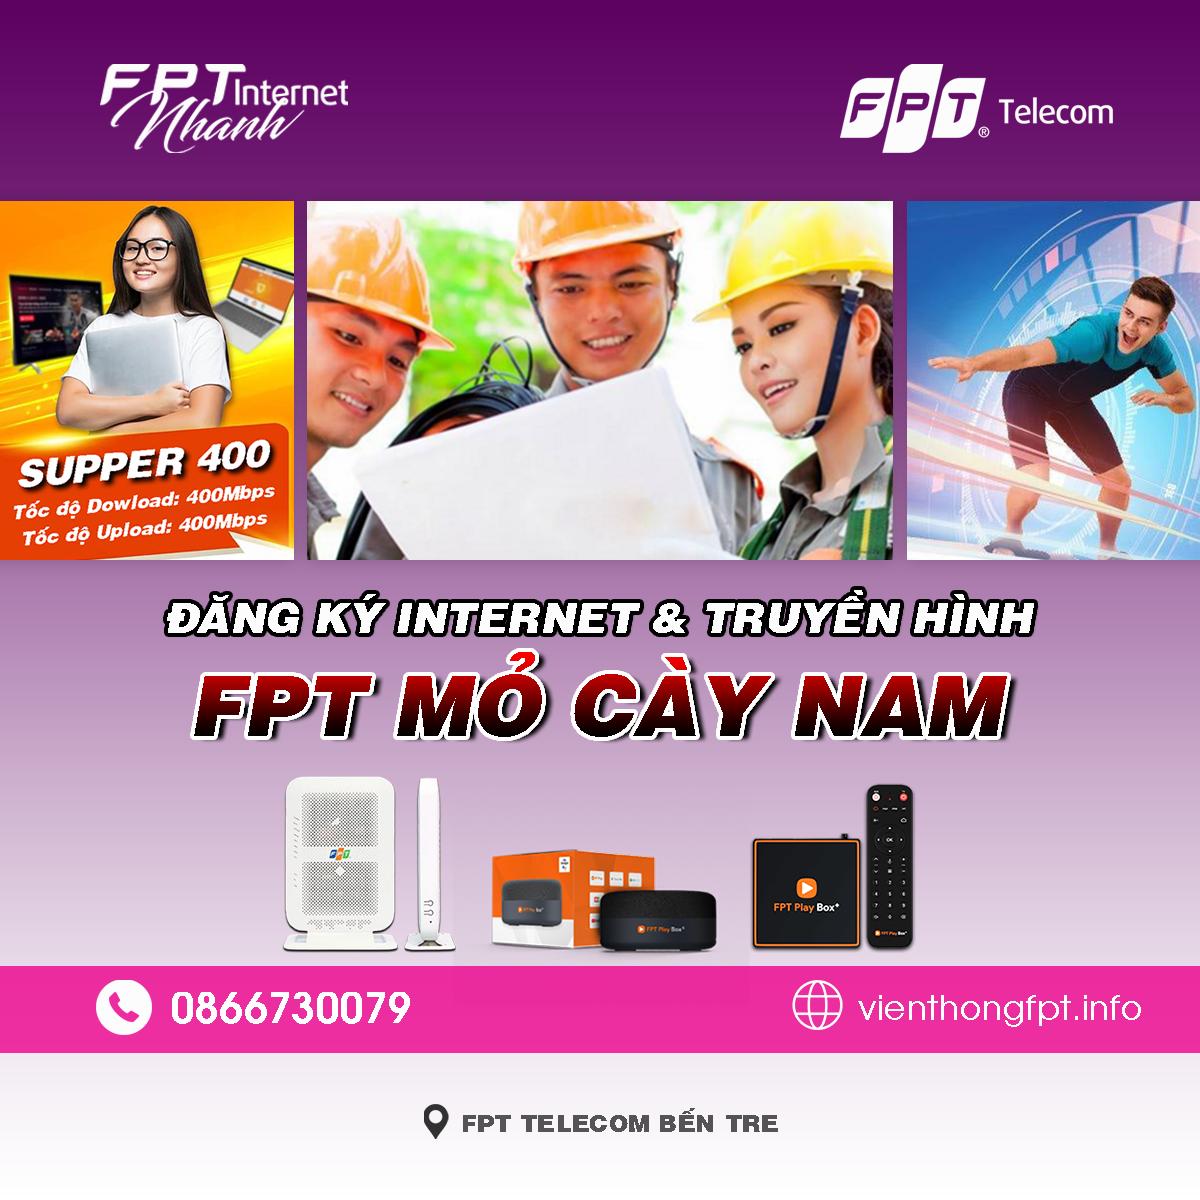 Bảng giá lắp mạng FPT Mỏ Cày Nam